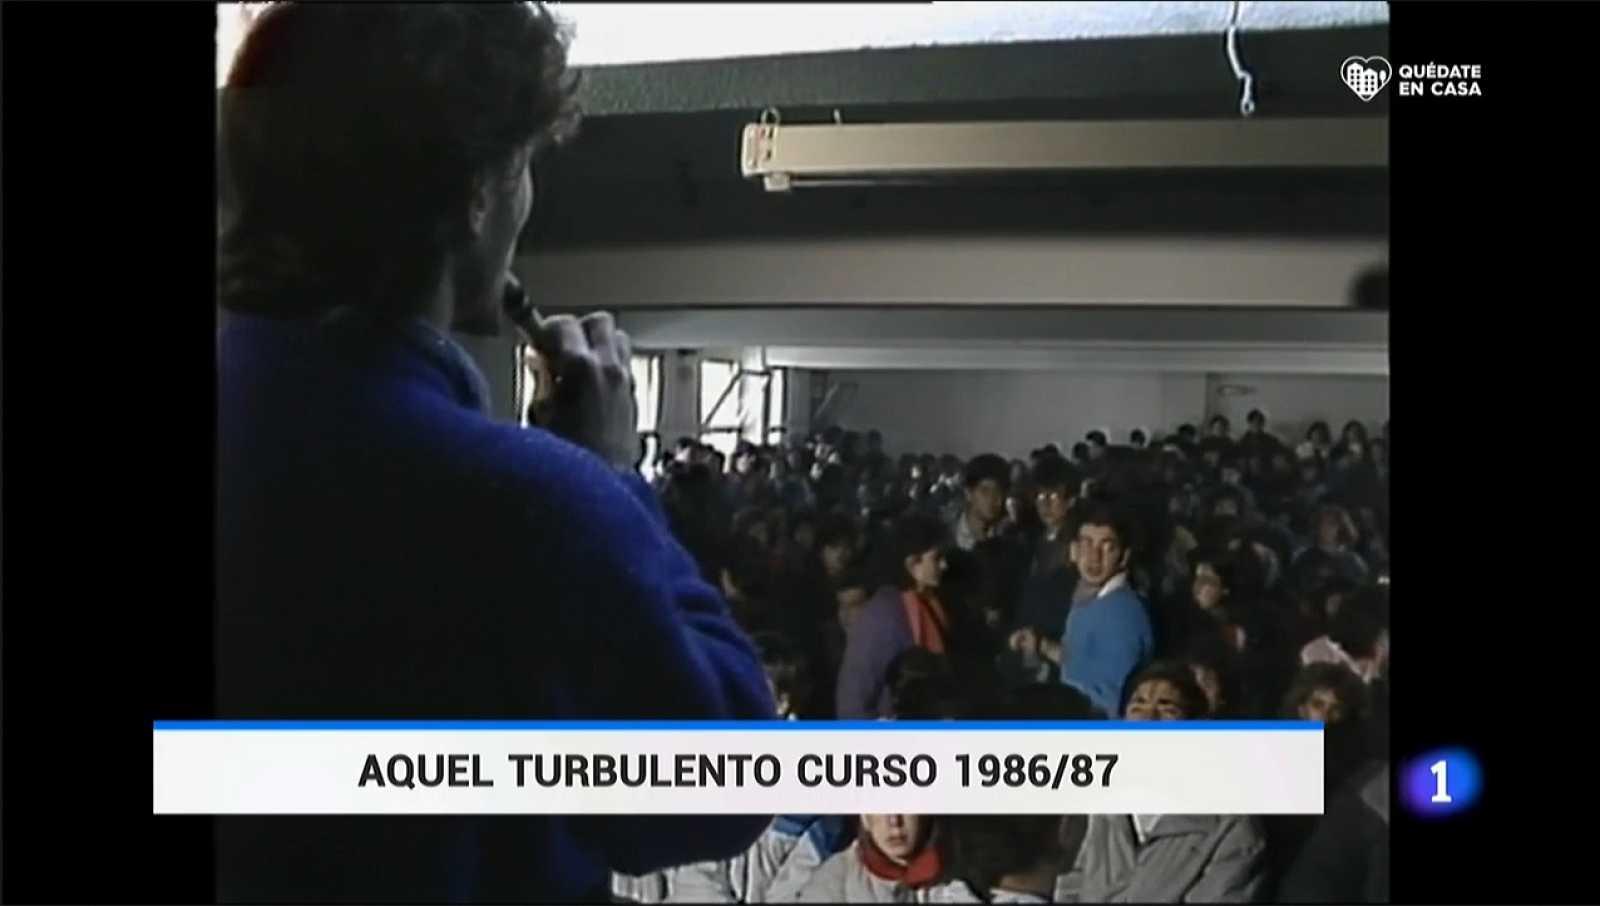 ¿TE ACUERDAS? - AQUEL CURSO DEL 86/87 - VER AHORA